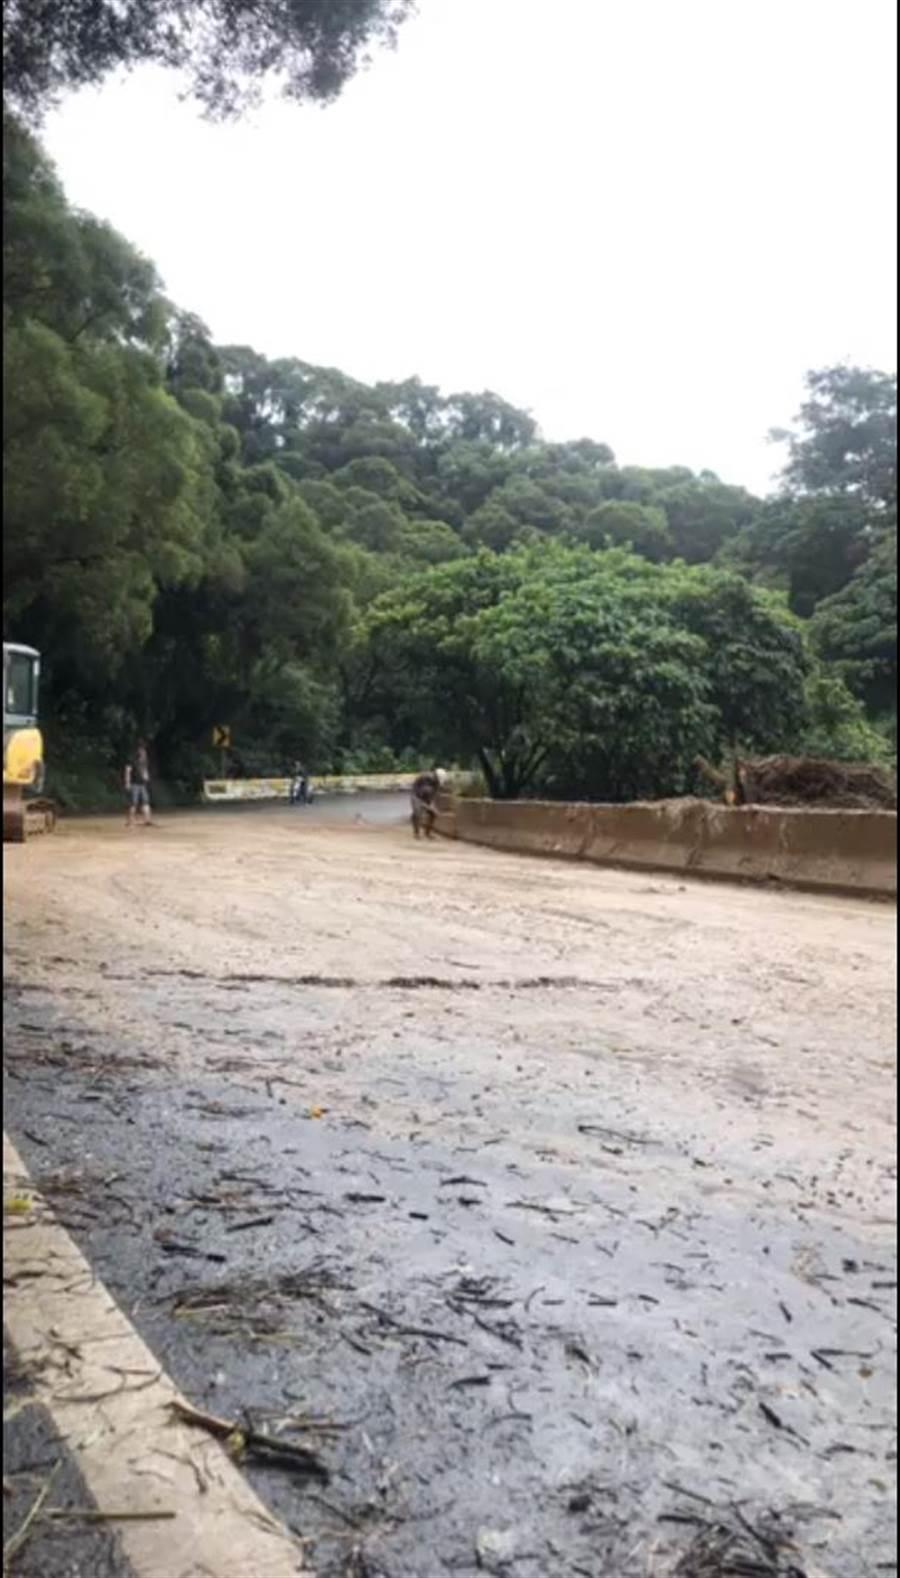 目前雙向道路皆已搶通恢復通行,但因仍有間歇性大雨導致山區土石鬆動,仍有零星土石滑落,提醒用路人小心通行。(謝瓊雲翻攝)